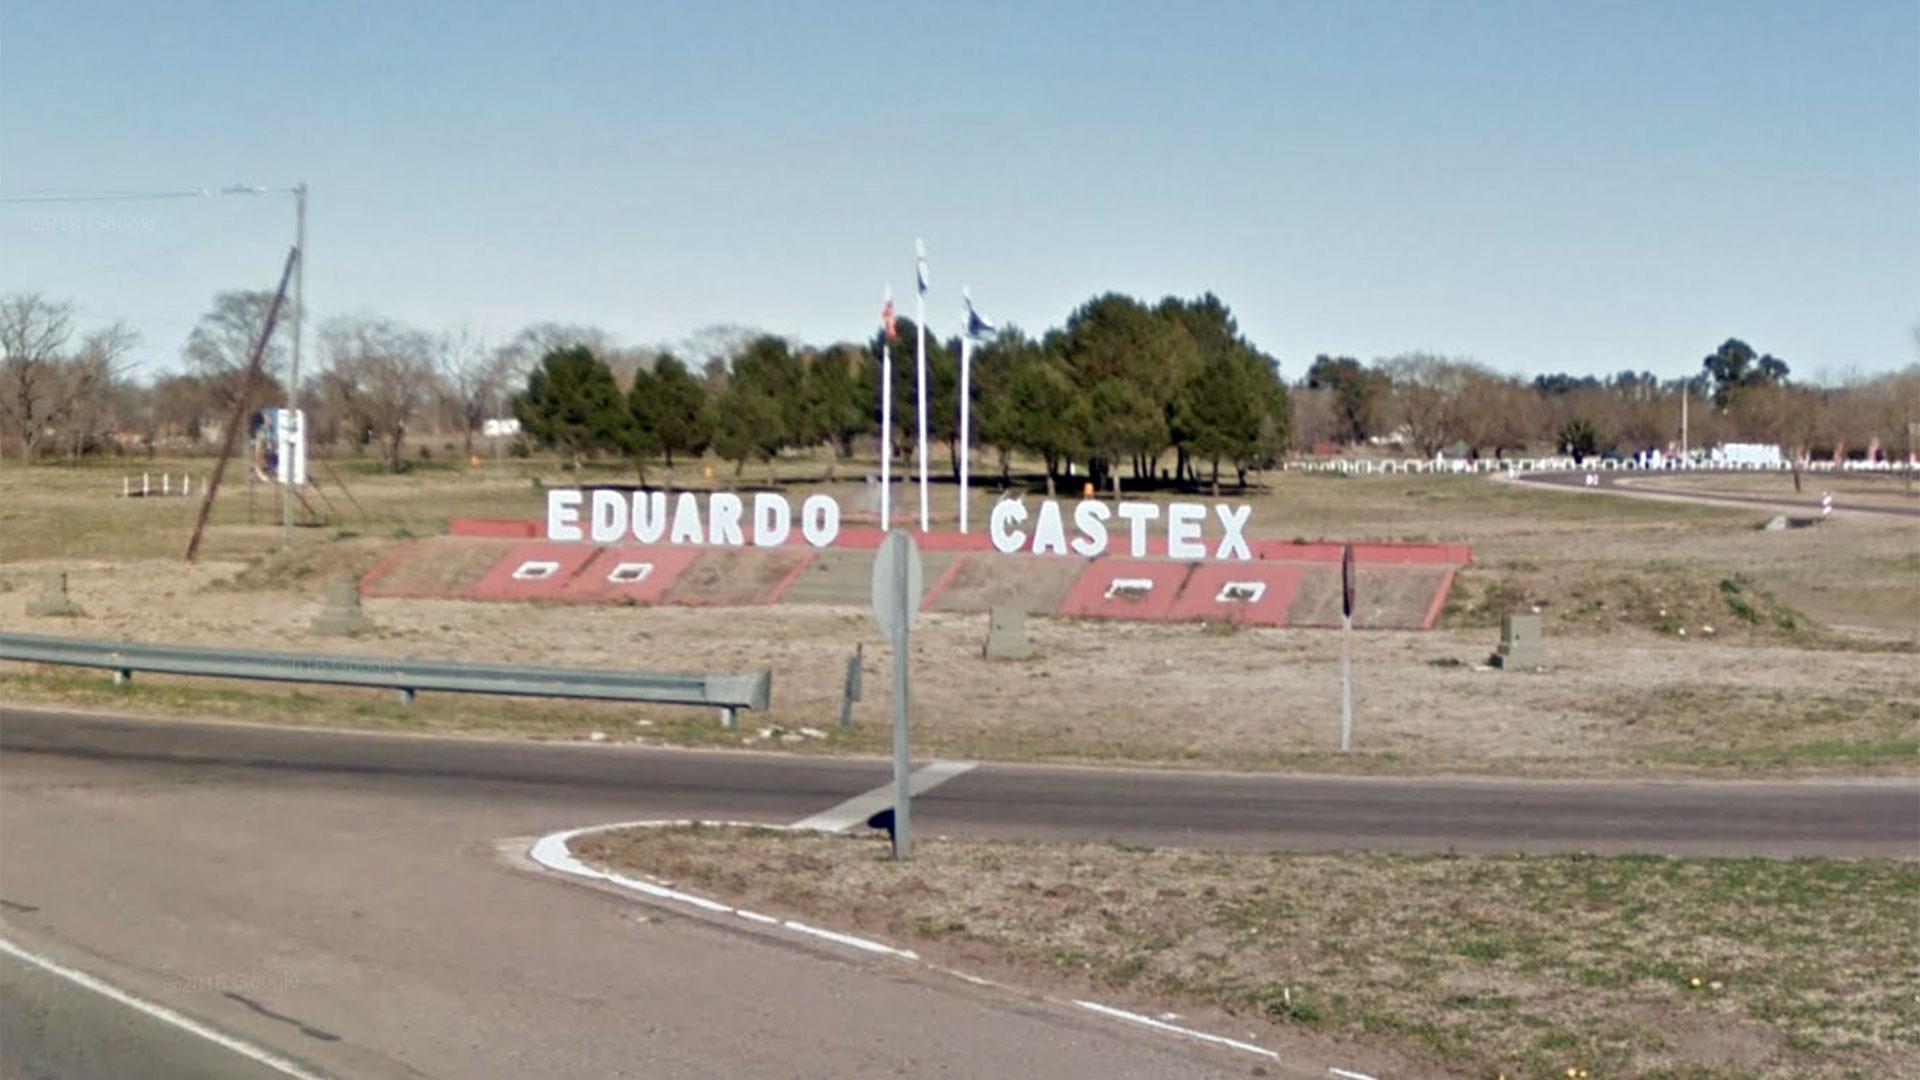 Convocan a cubrir horas cátedra en Eduardo Castex